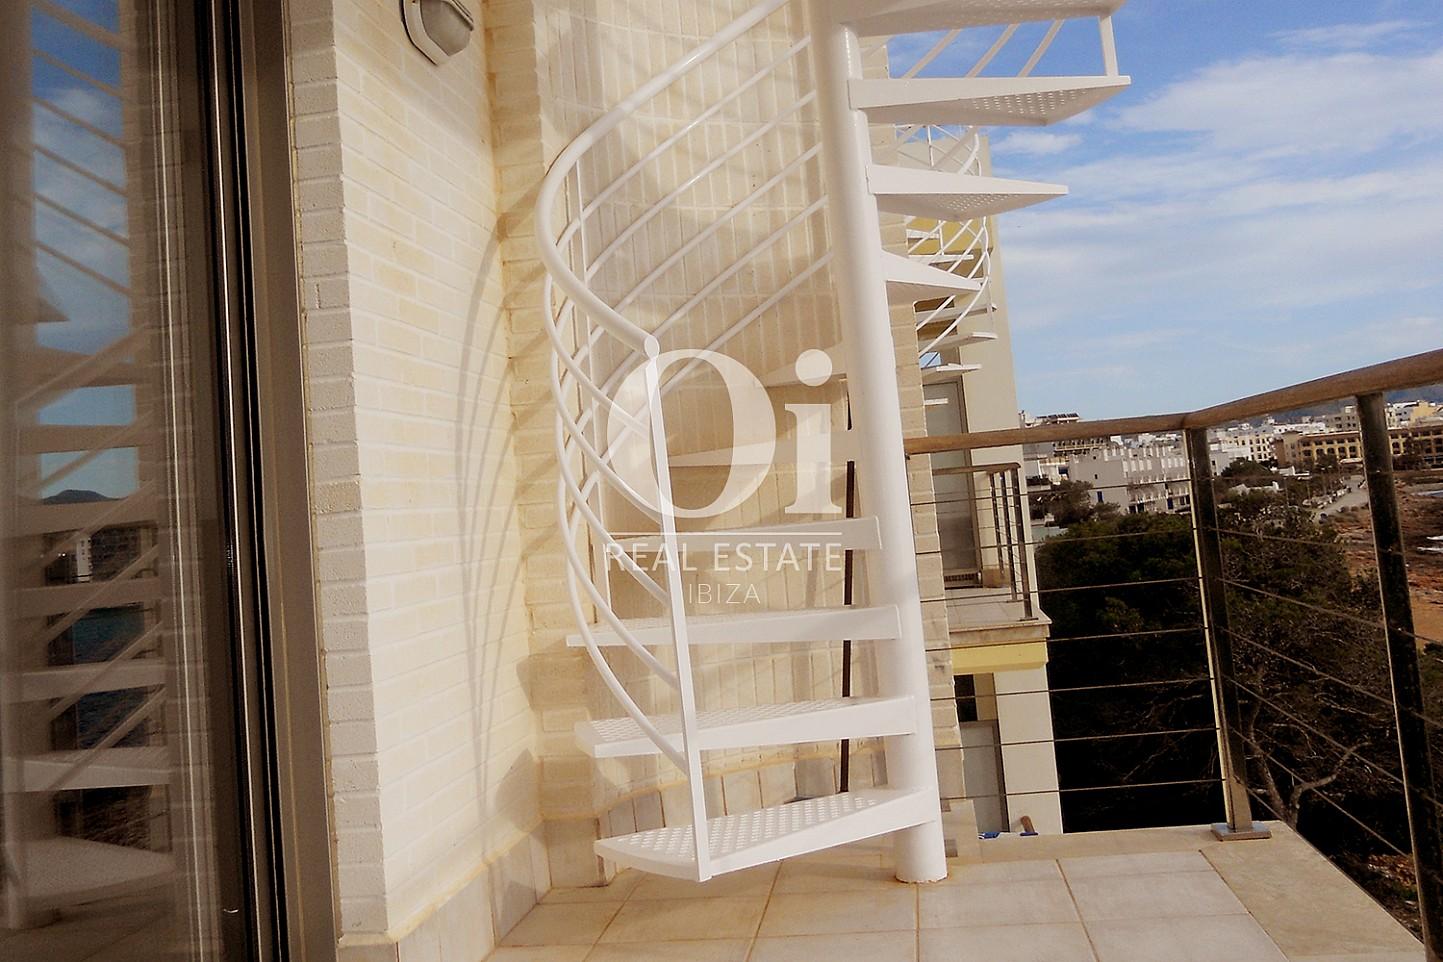 Escalier en colimaçon d'appartement à vendre à Cala Gracio, Ibiza